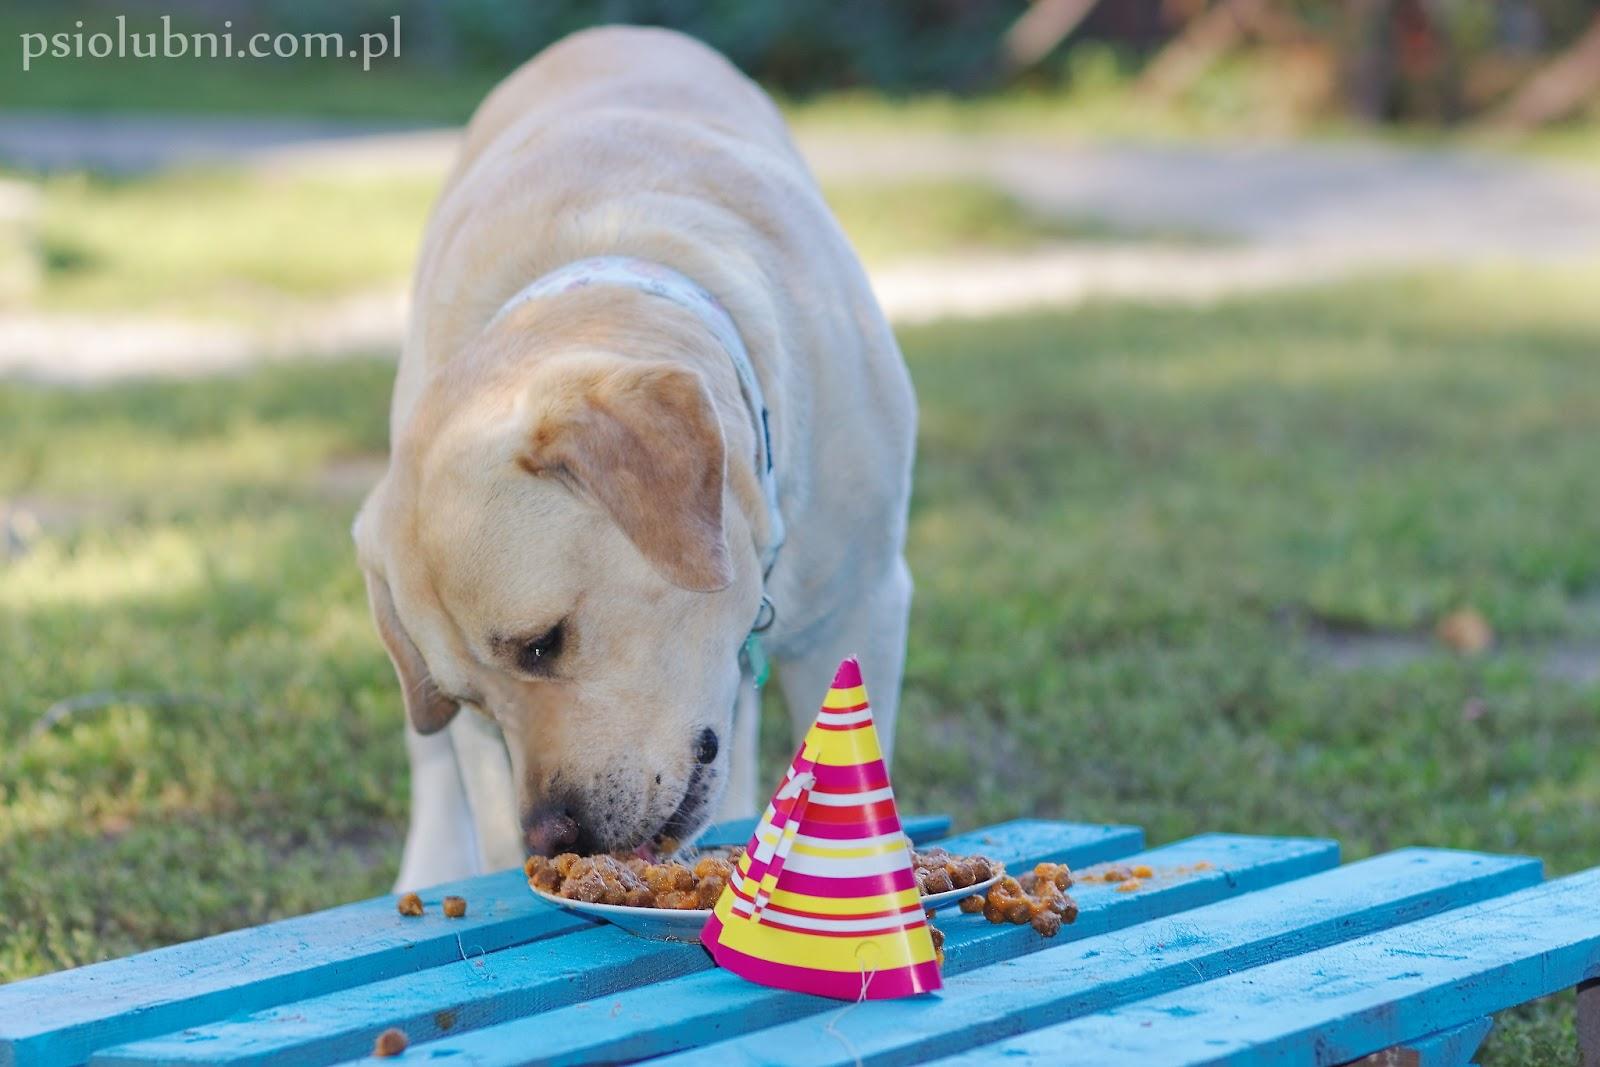 przysmaki dla psa, tort dla psa, ciastka dla psa, urodziny psa, diy, zrób to sam, nagroda dla psa, psiolubni, przekąska dla psa, labrador retriever, biszkoptowy labrador,